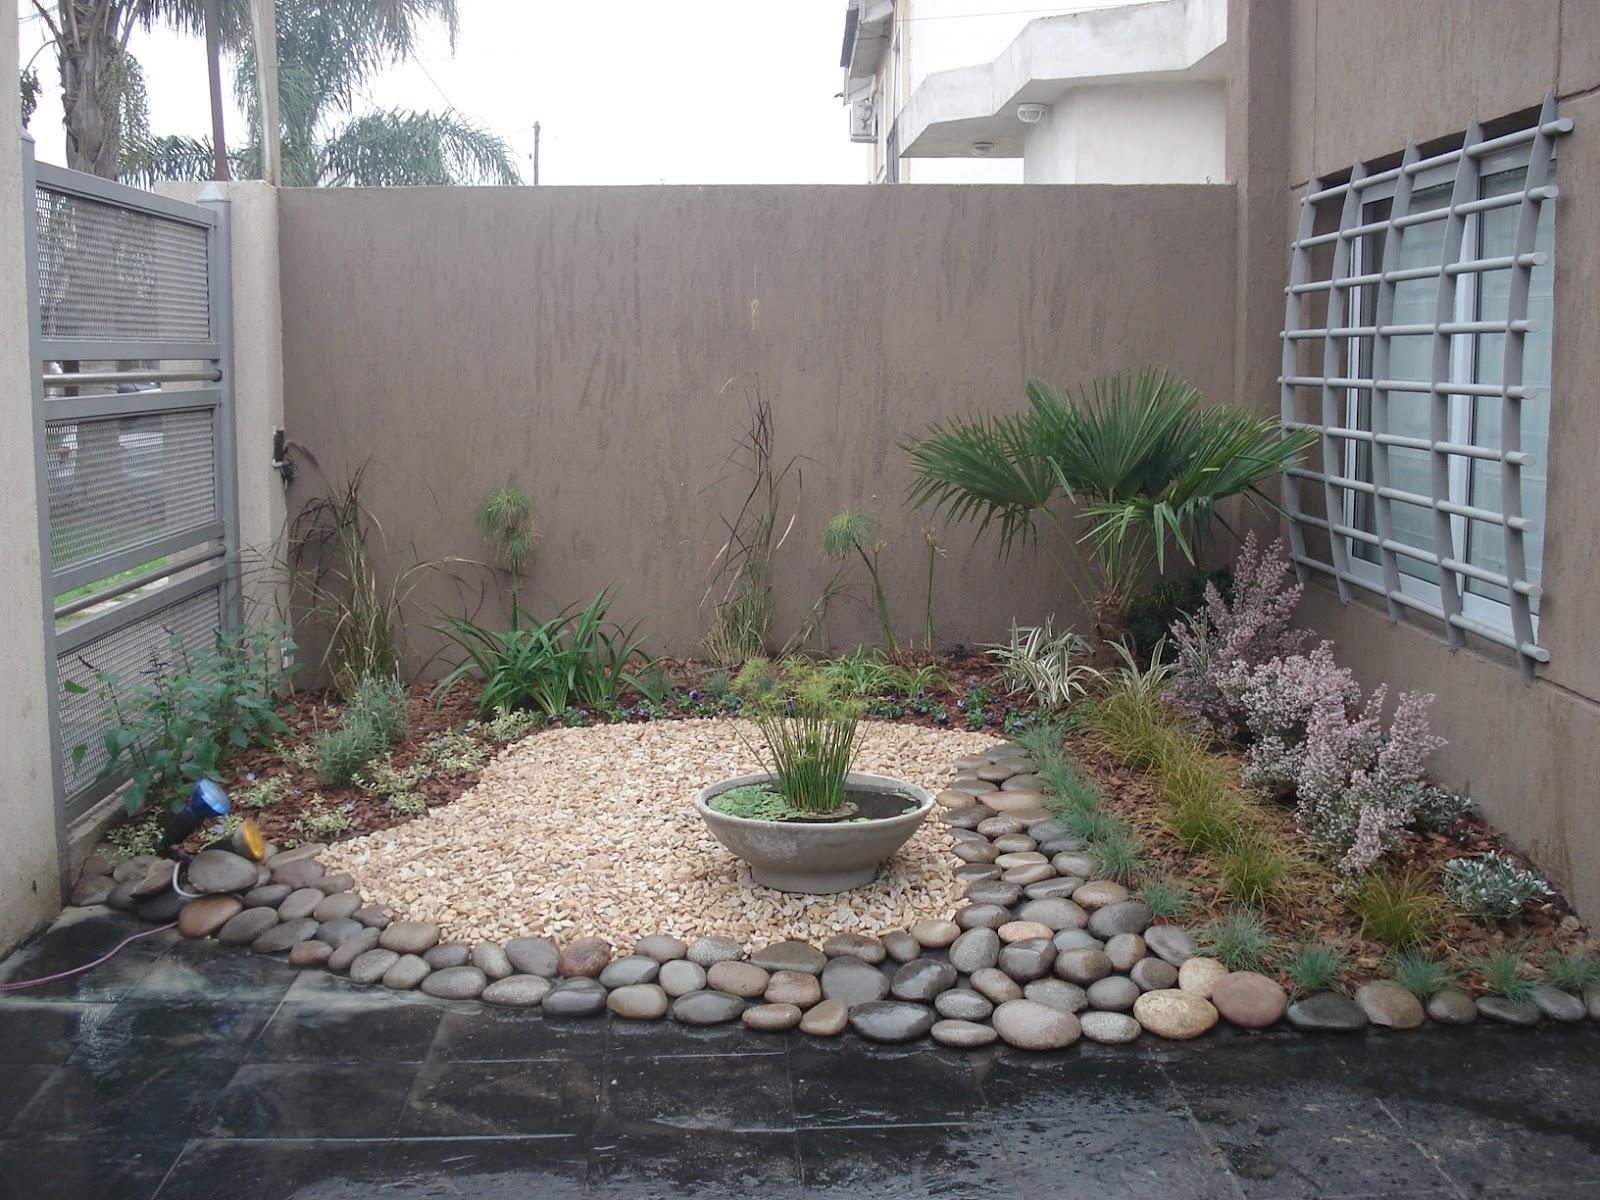 jardines pequenos con piedras y macetas